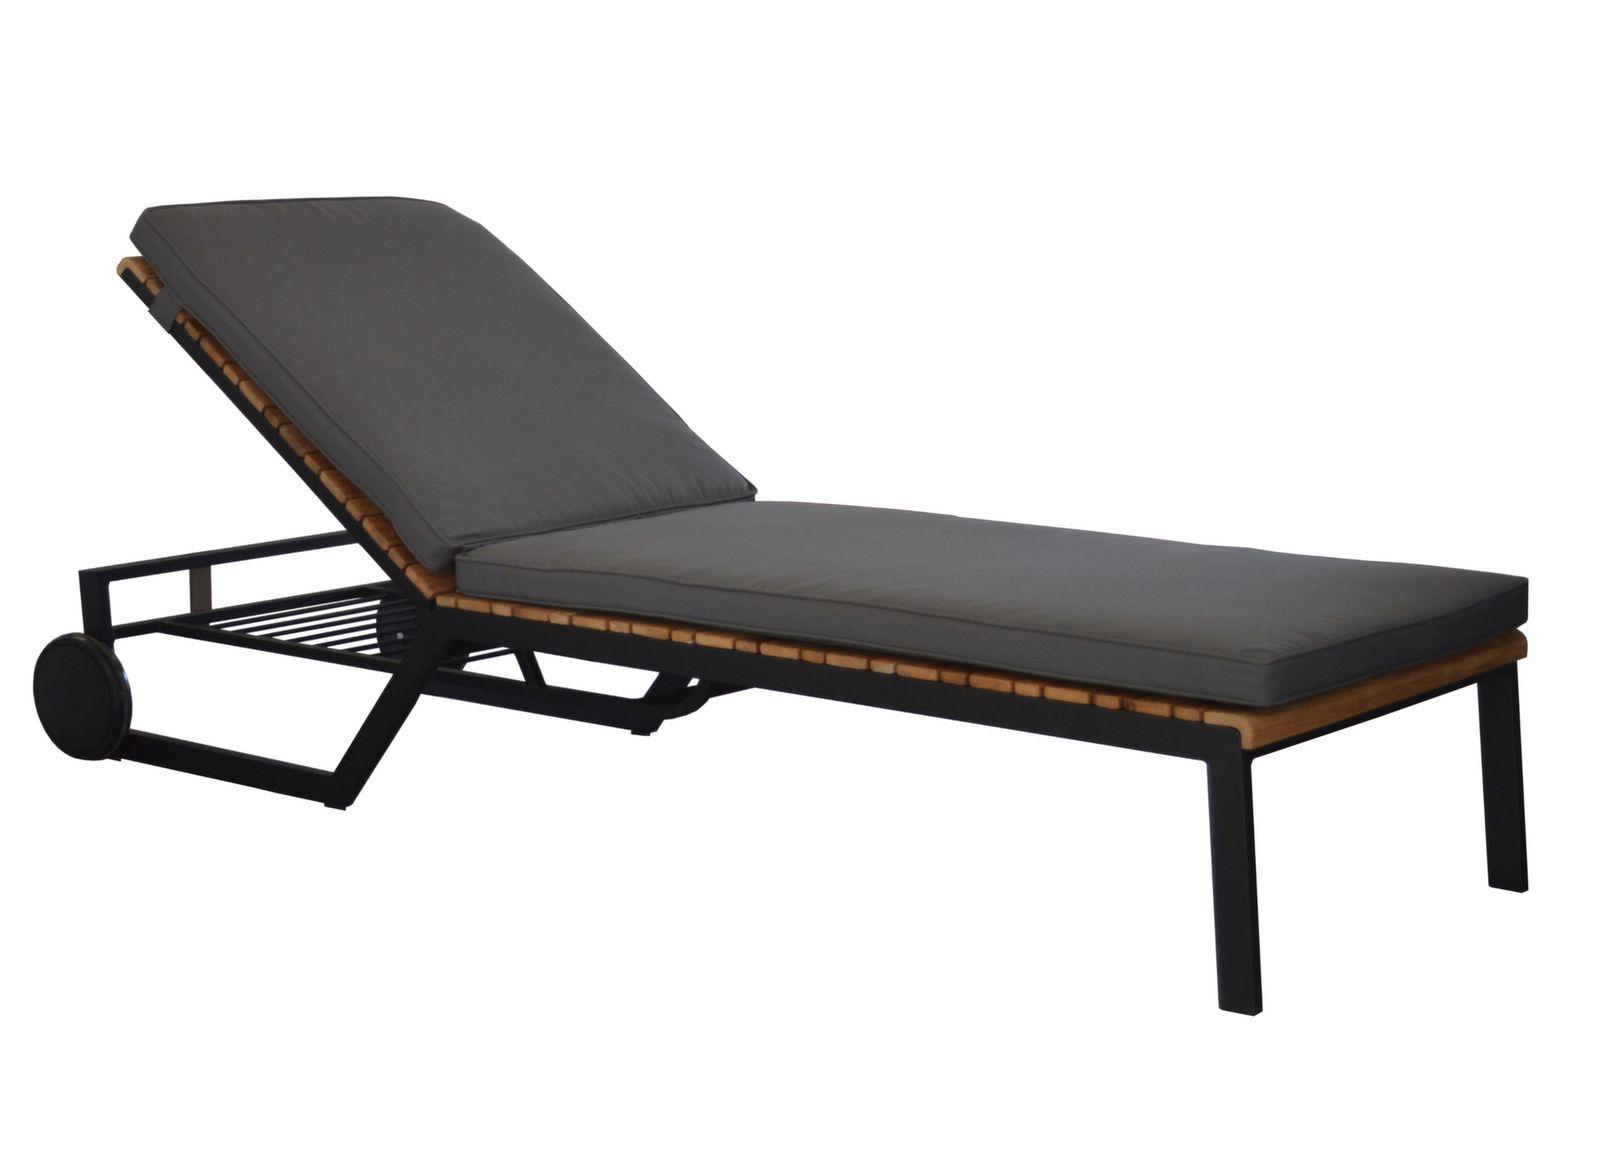 lit de soleil rocha bains de soleil transats lits de soleil proloisirs mobilier de. Black Bedroom Furniture Sets. Home Design Ideas